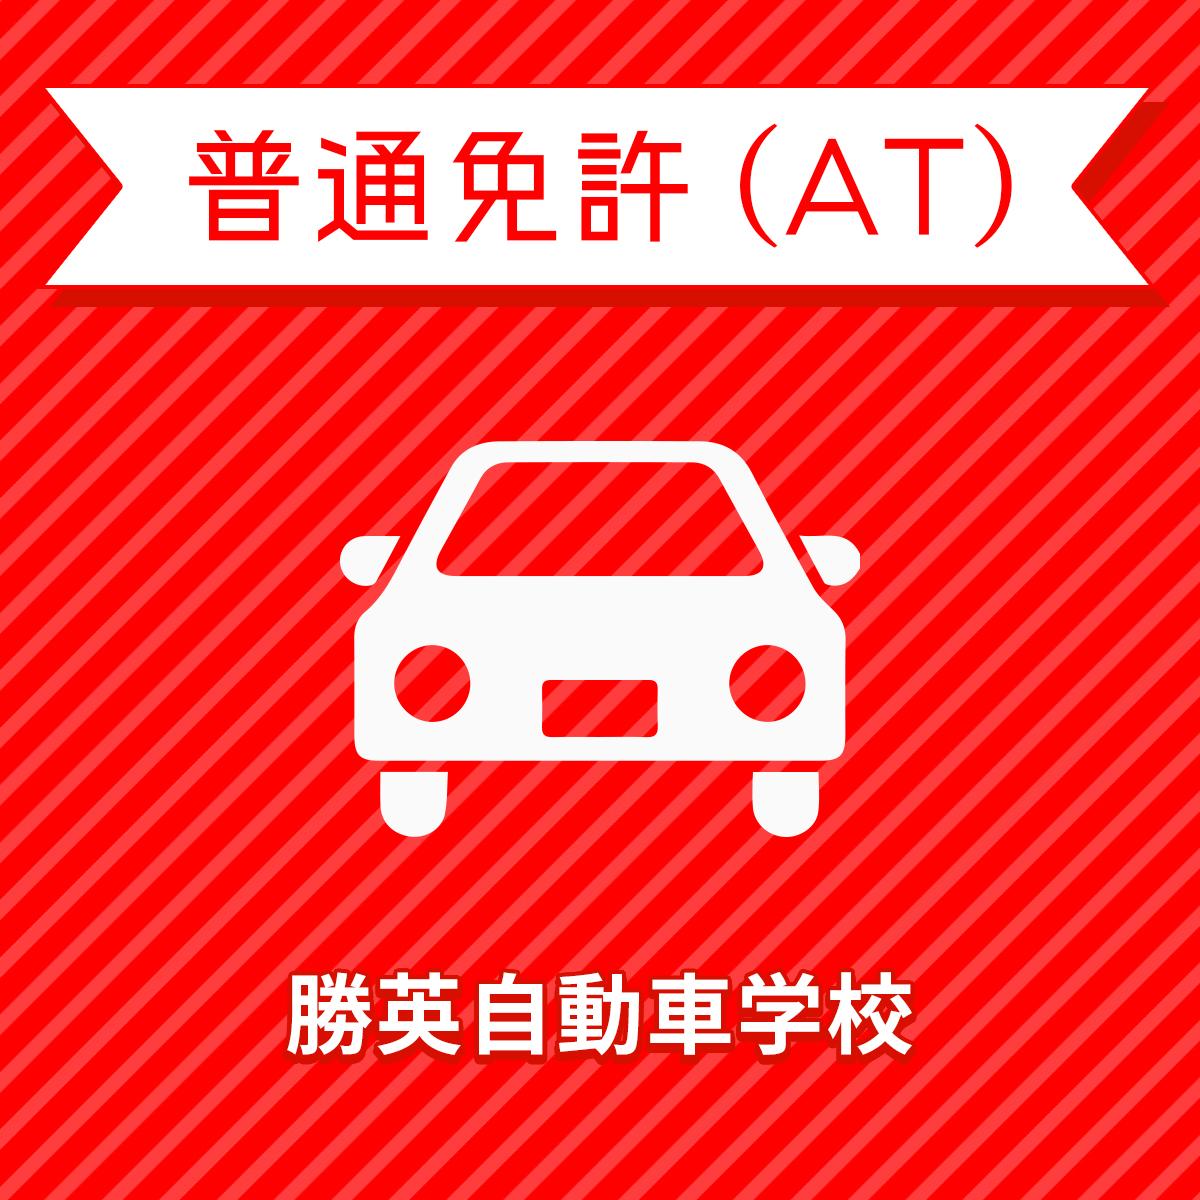 【岡山県勝田郡】普通車ATコース(一般料金)